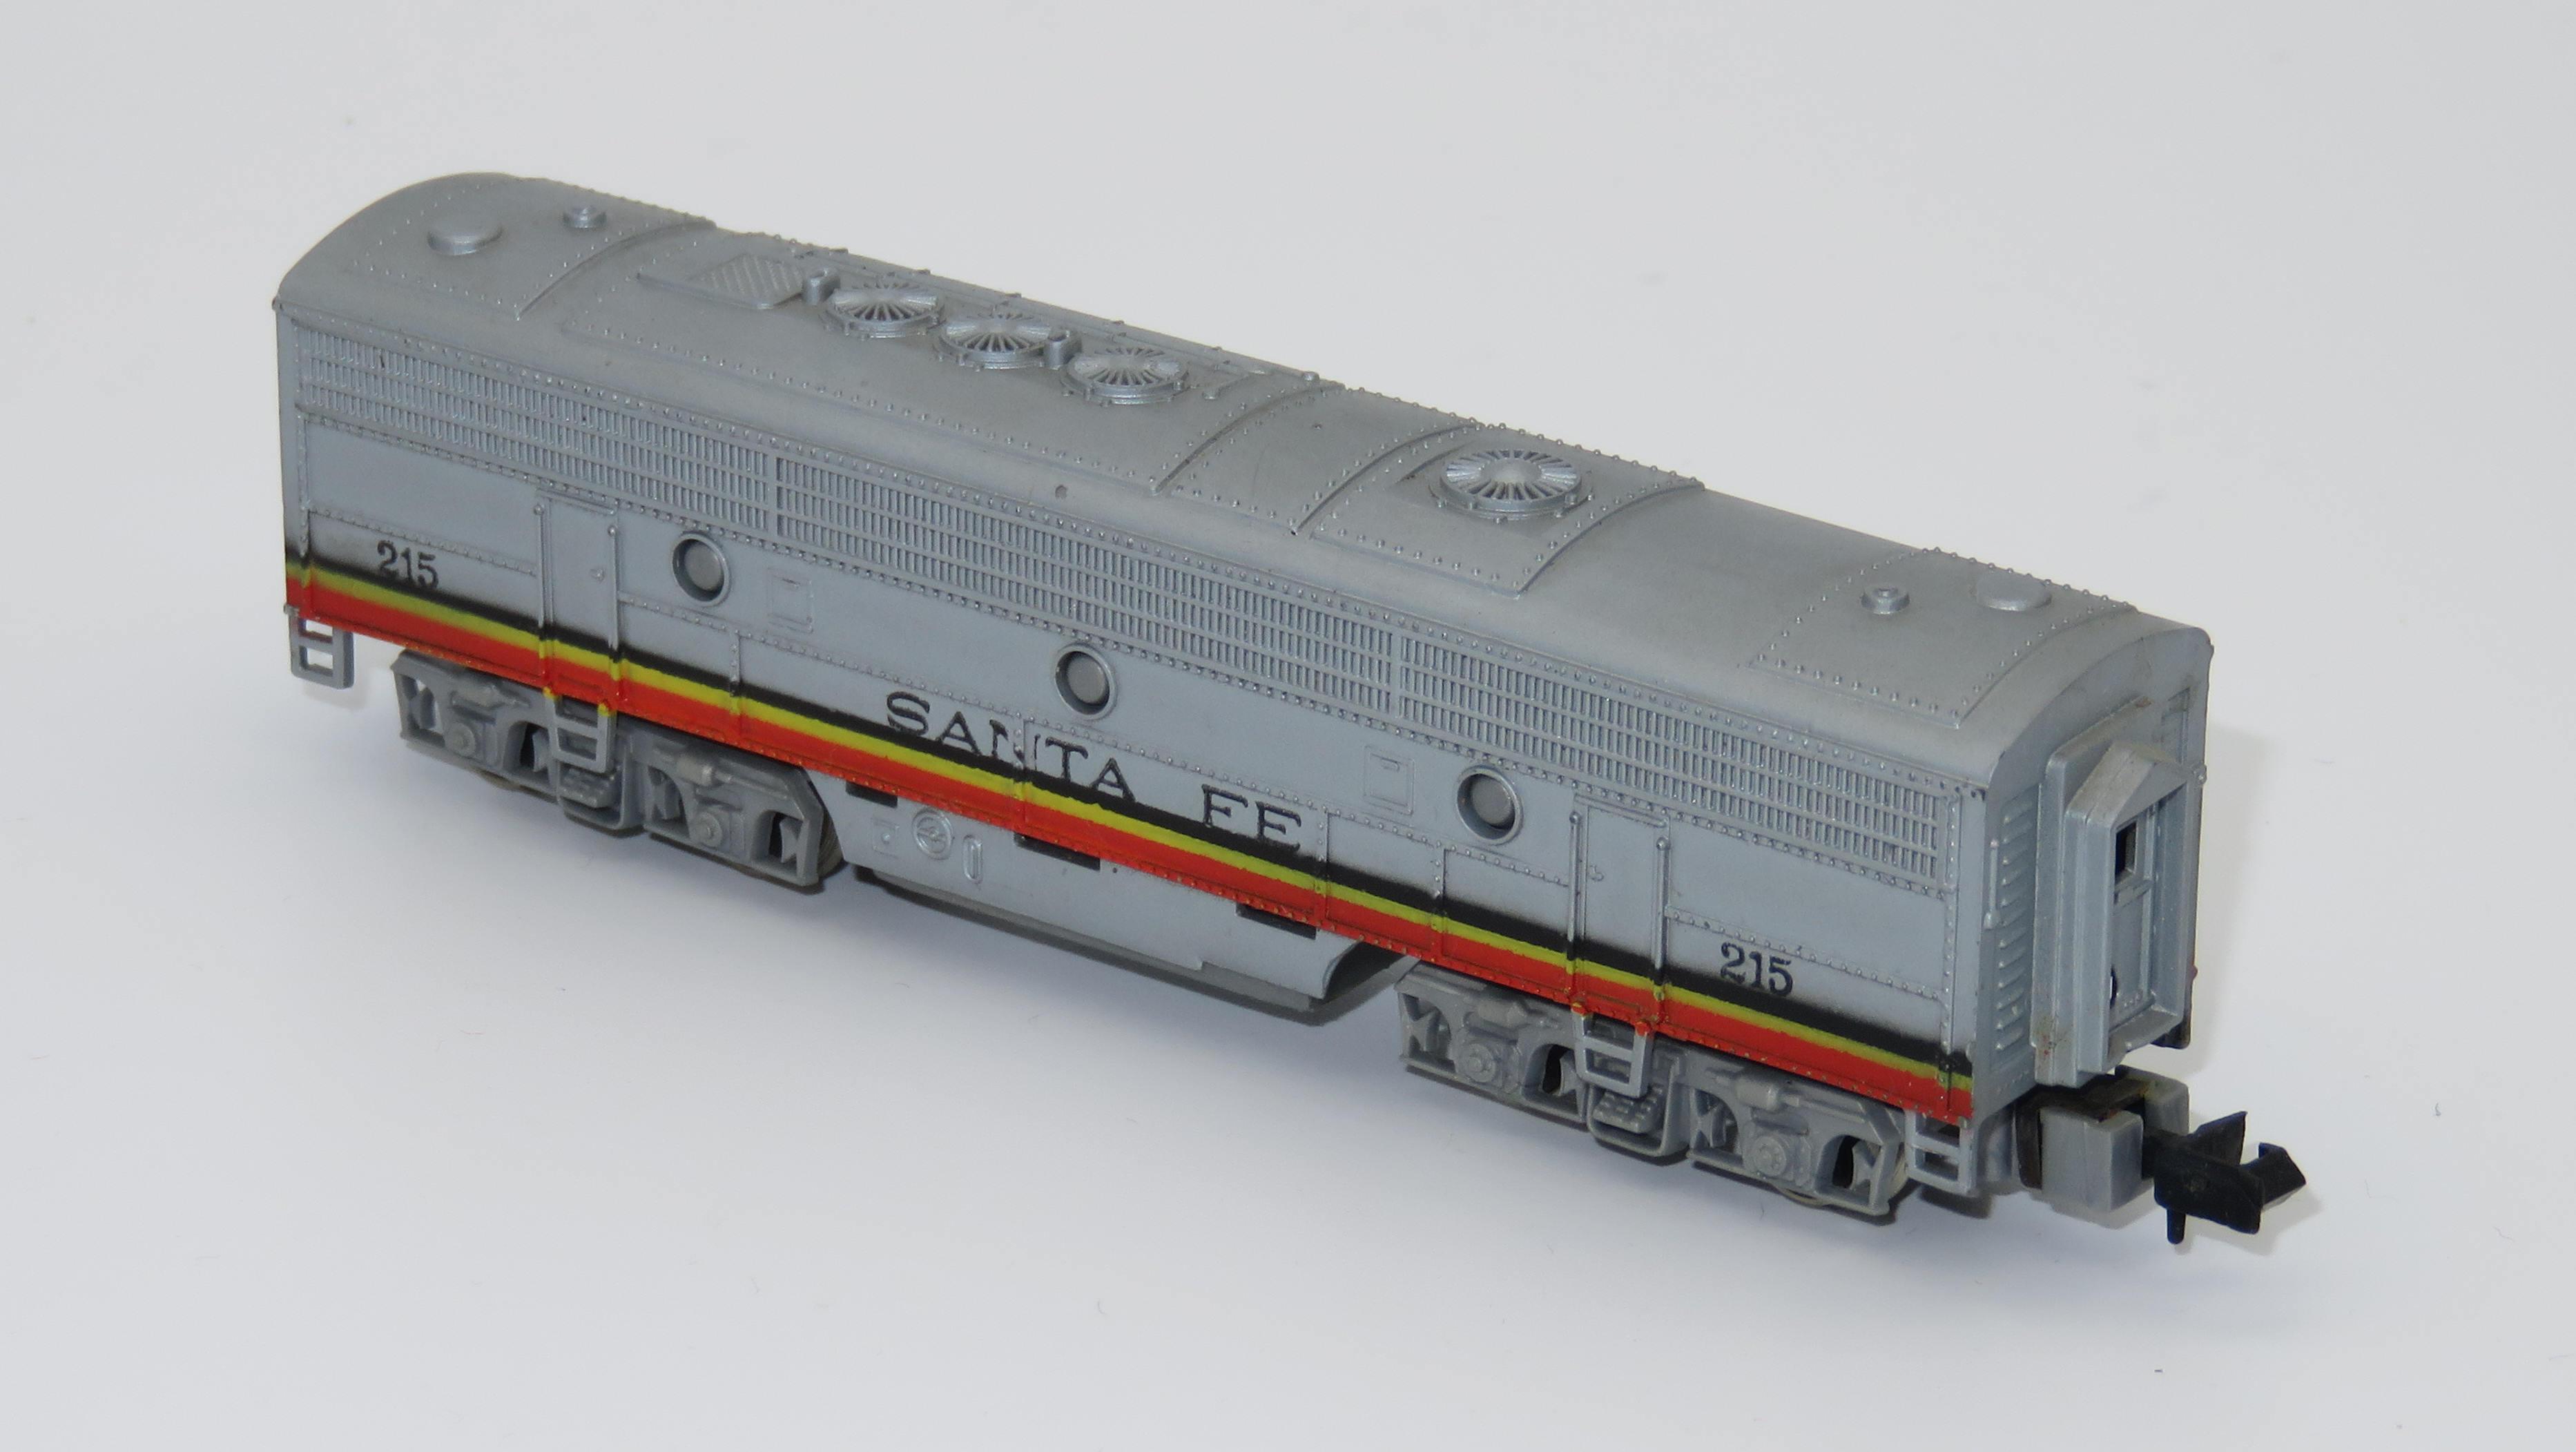 N Scale - Arnold - 0219 - Locomotive, Diesel, EMD FP9 - Santa Fe - 215